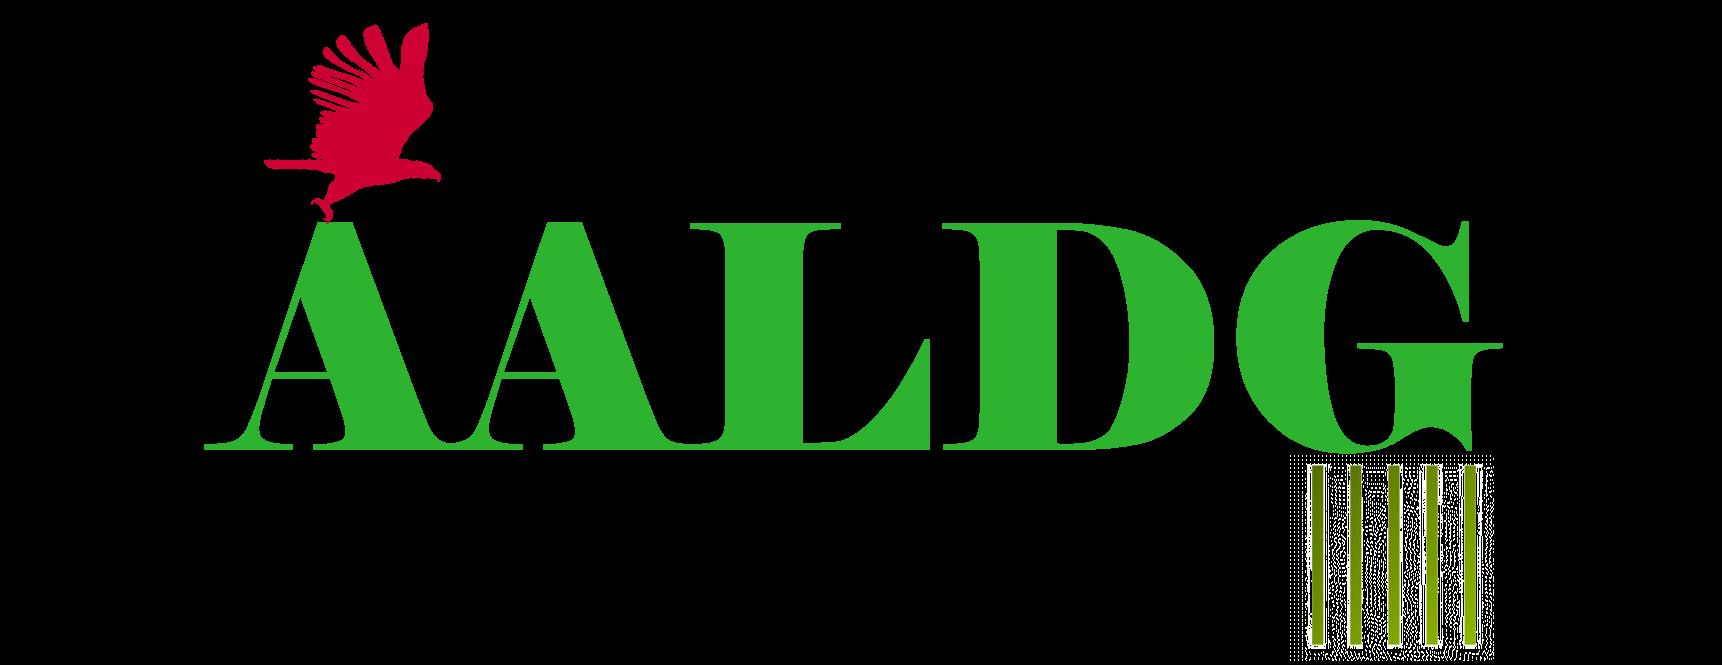 aaldg logo